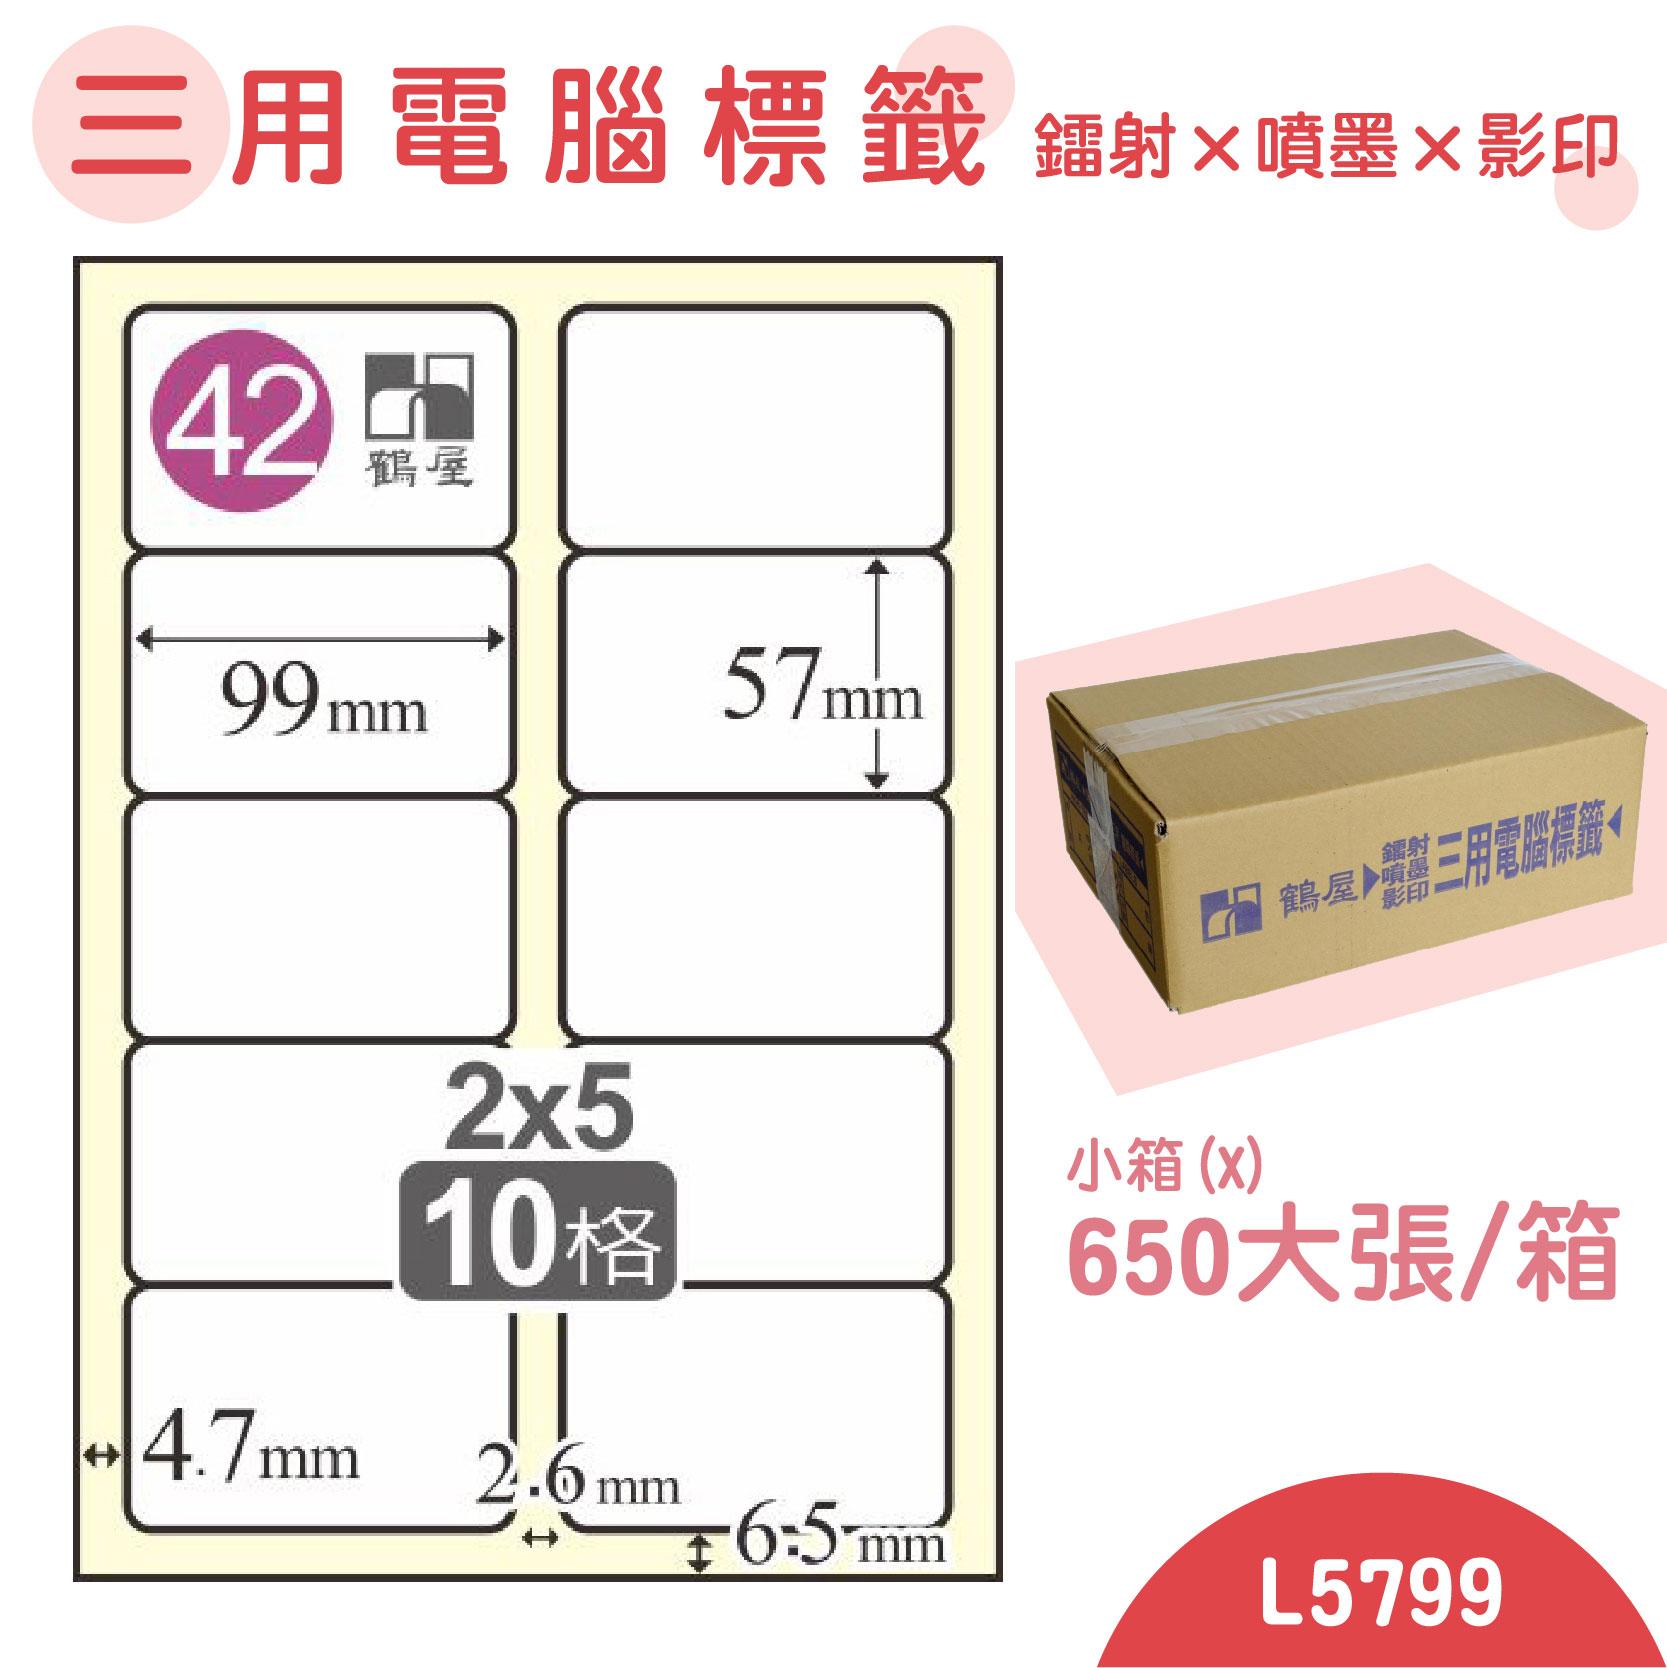 電腦標籤紙(鶴屋) 白色 L5799 10格 650大張/小箱 影印 雷射 噴墨 三用 標籤 貼紙 信封 光碟 名條